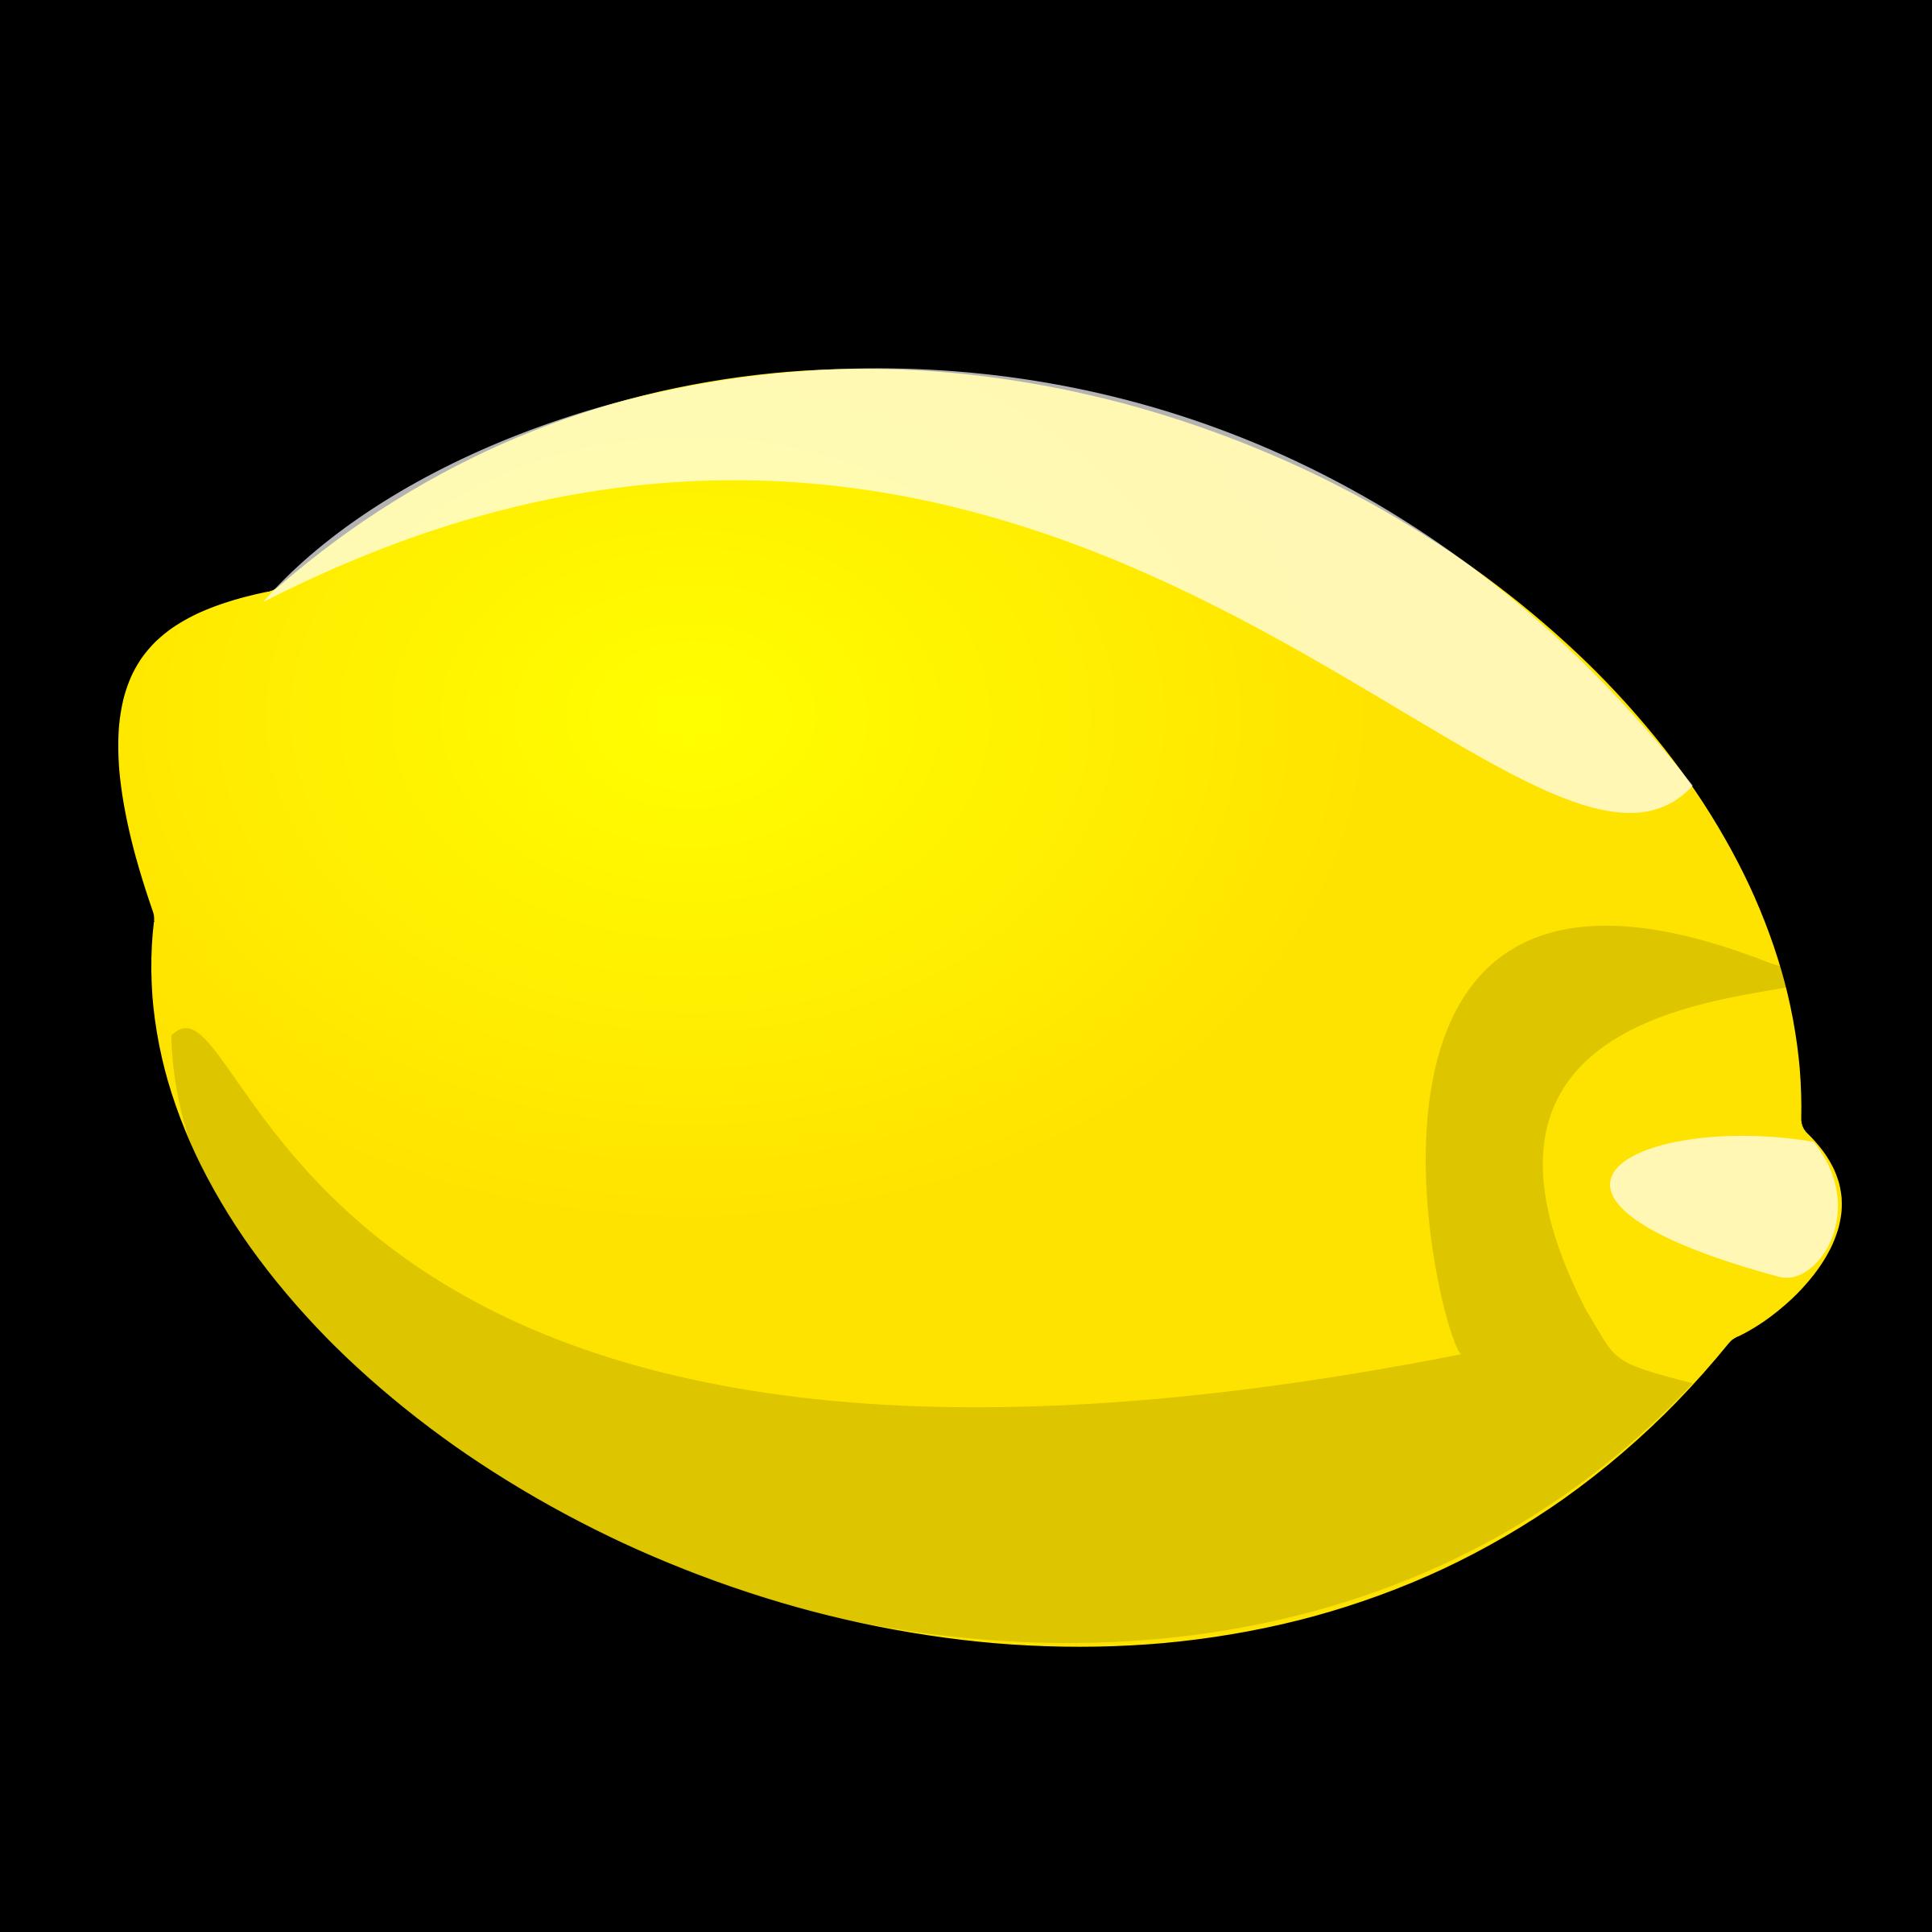 Clipart Lemon Clipart